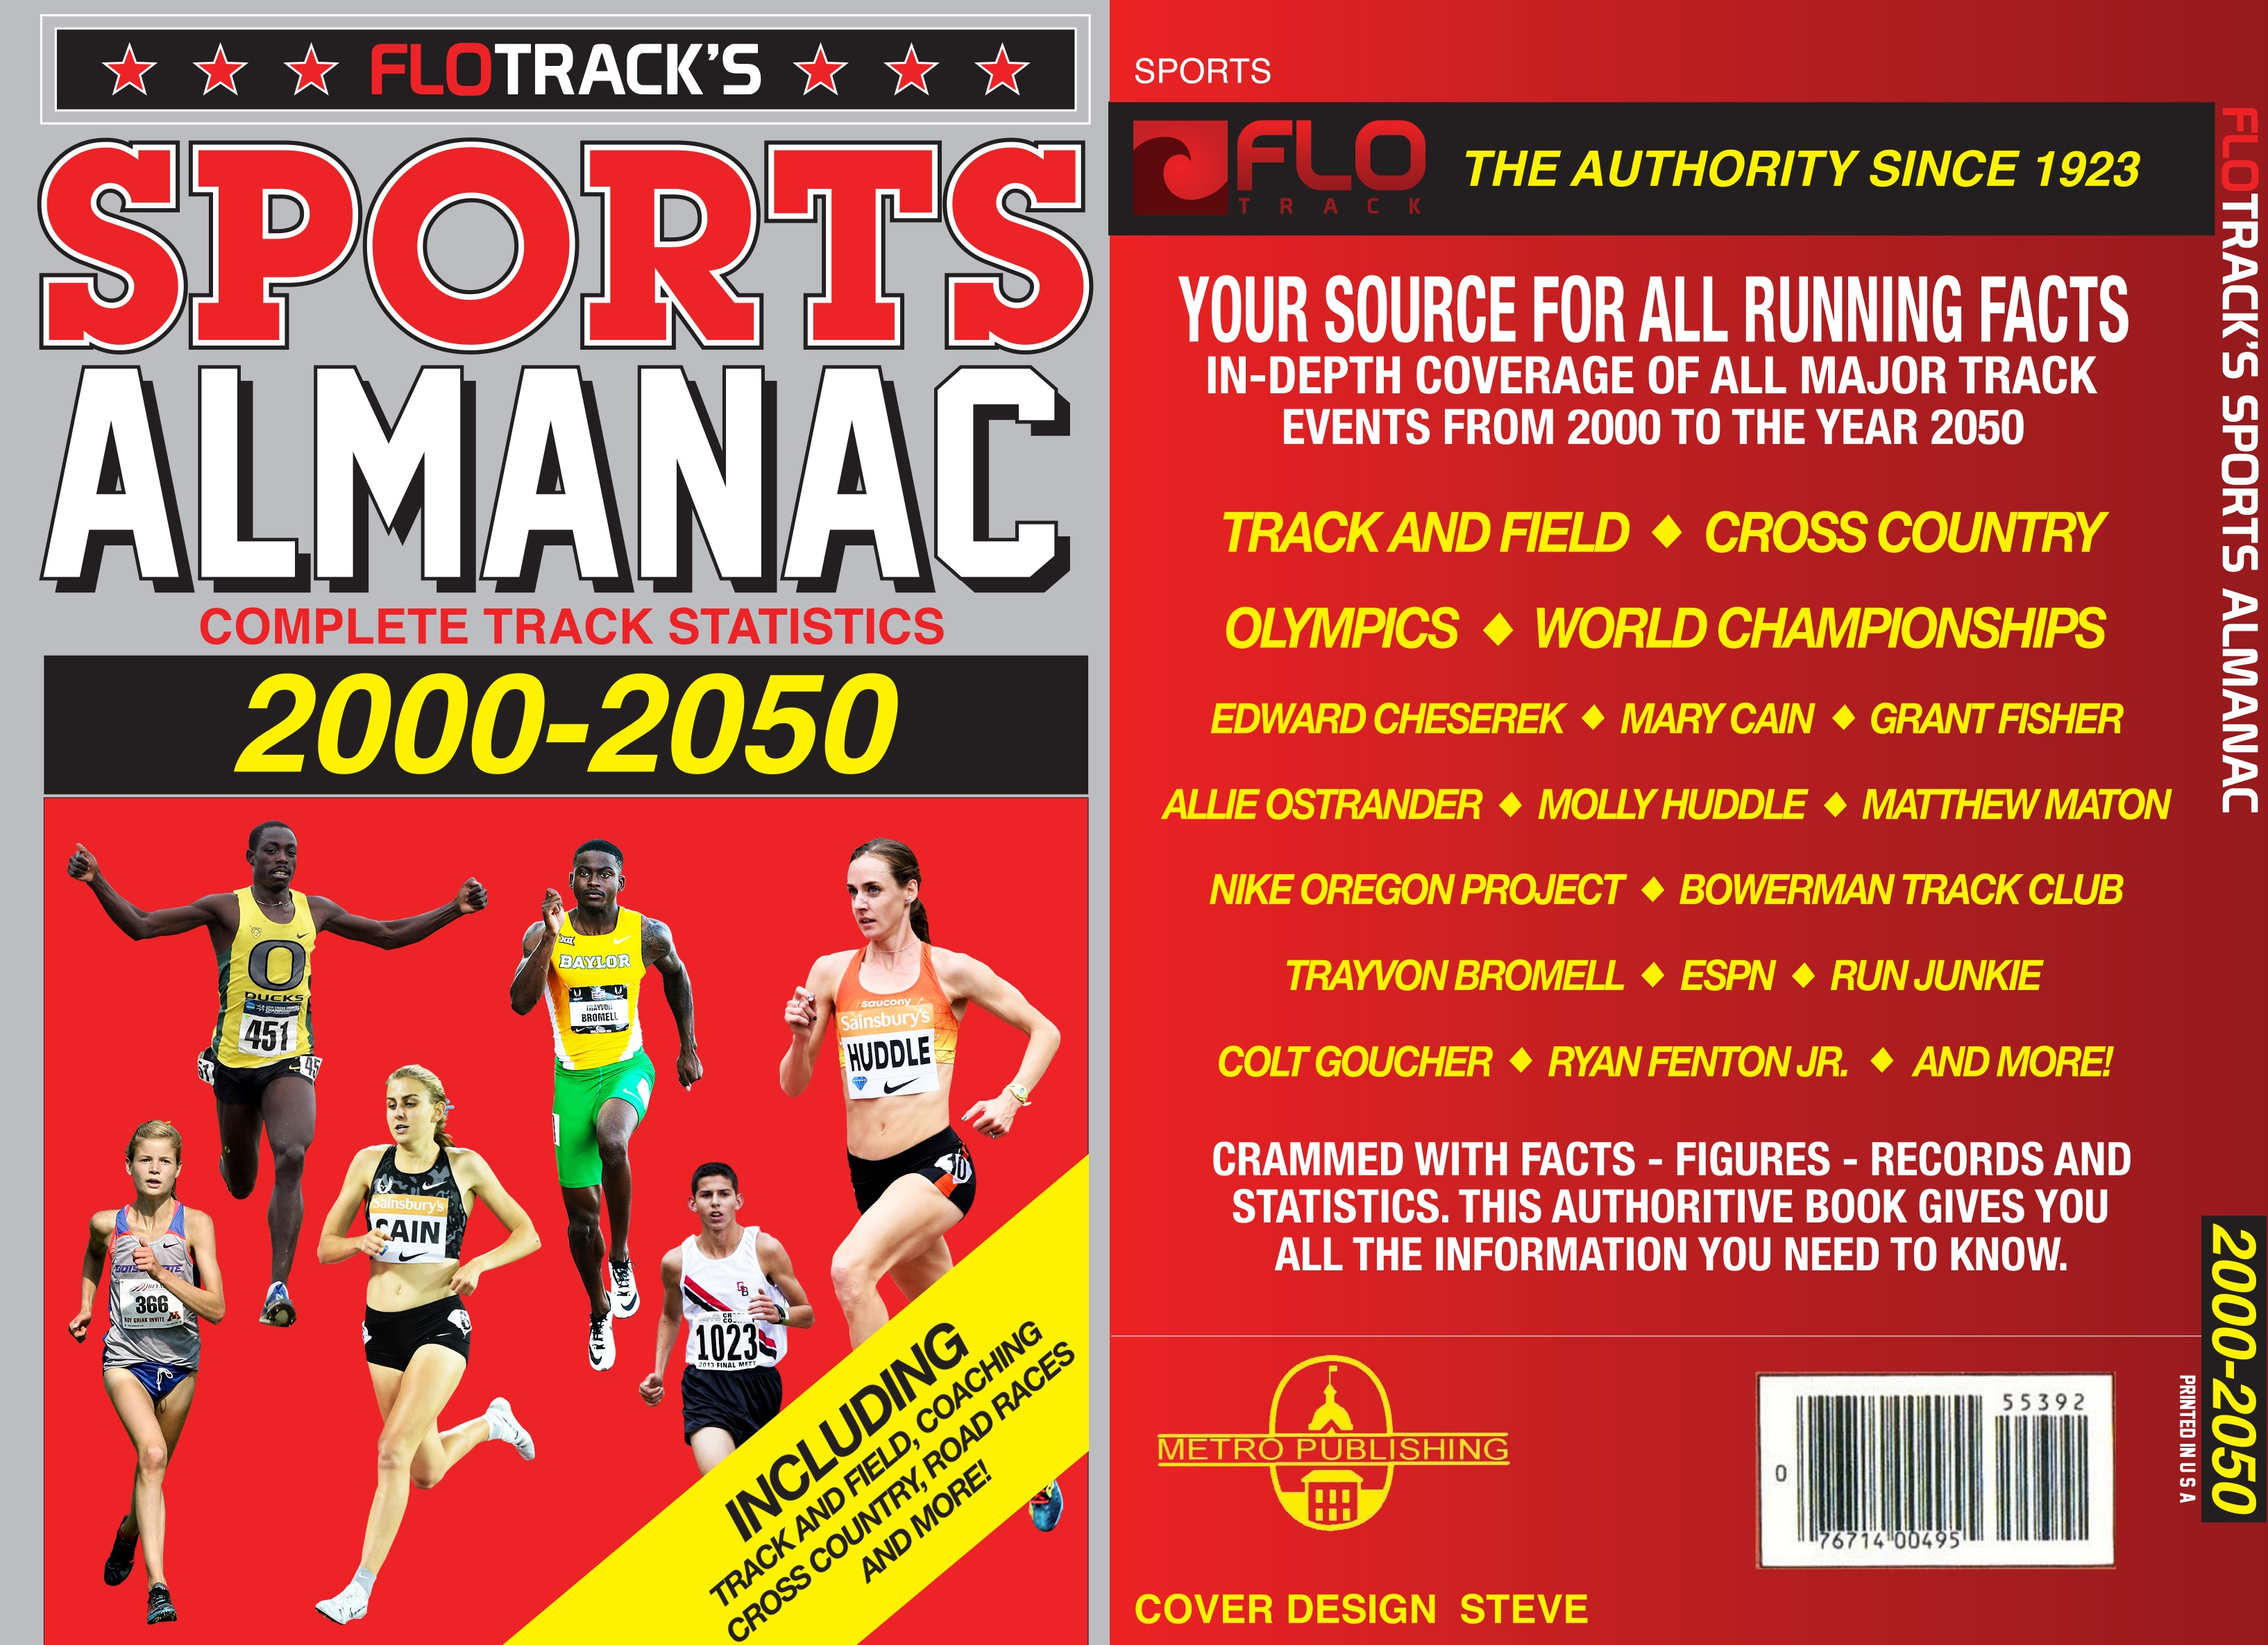 FloTrack's Sports Almanac 2000-2050